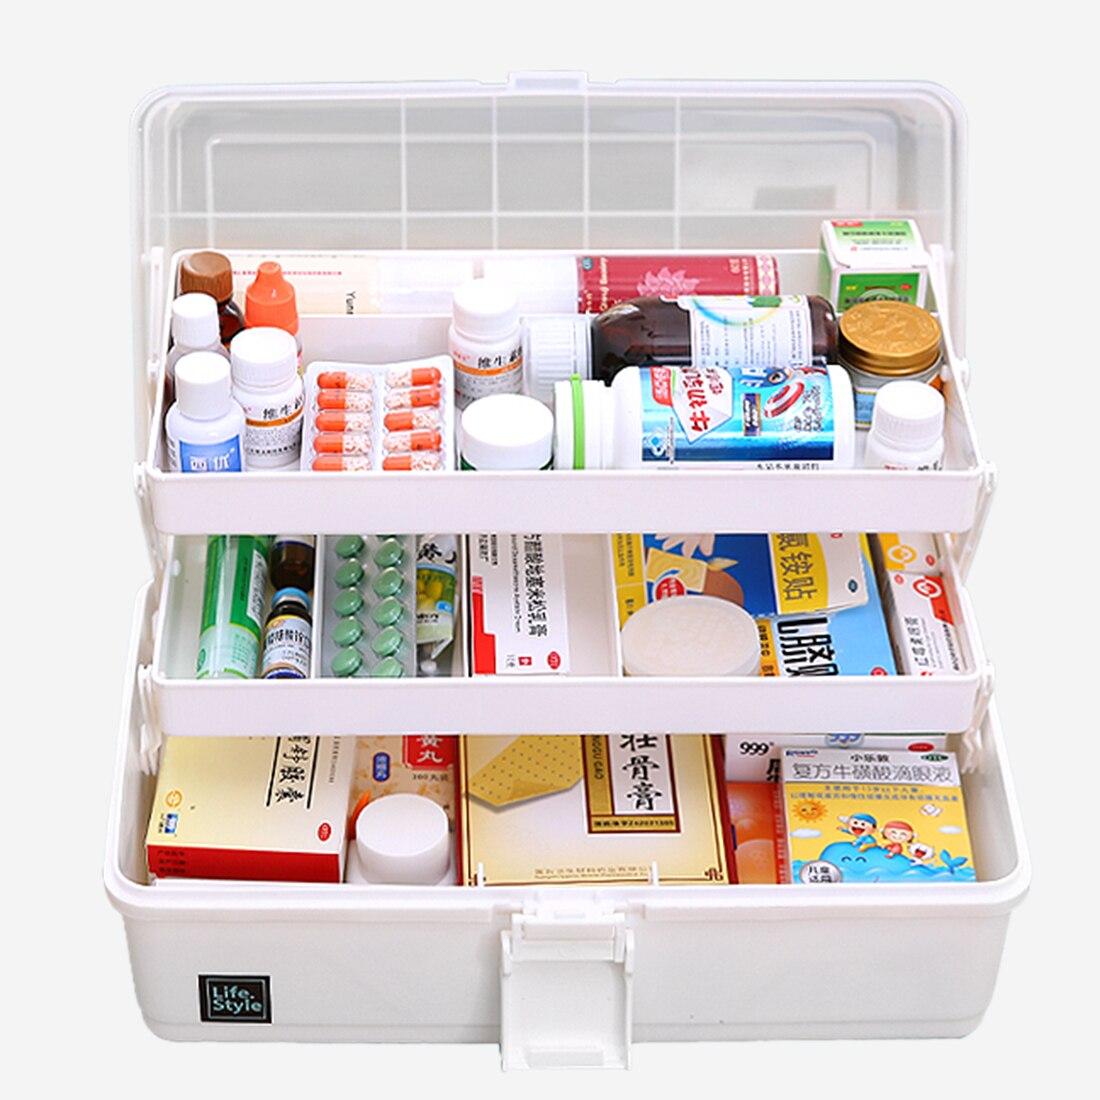 Ménage multi-couche surdimensionné boîte de premiers soins trousse mallette de rangement organisateur armoire à pharmacie boîtes de rangement de médicaments bacs conteneur